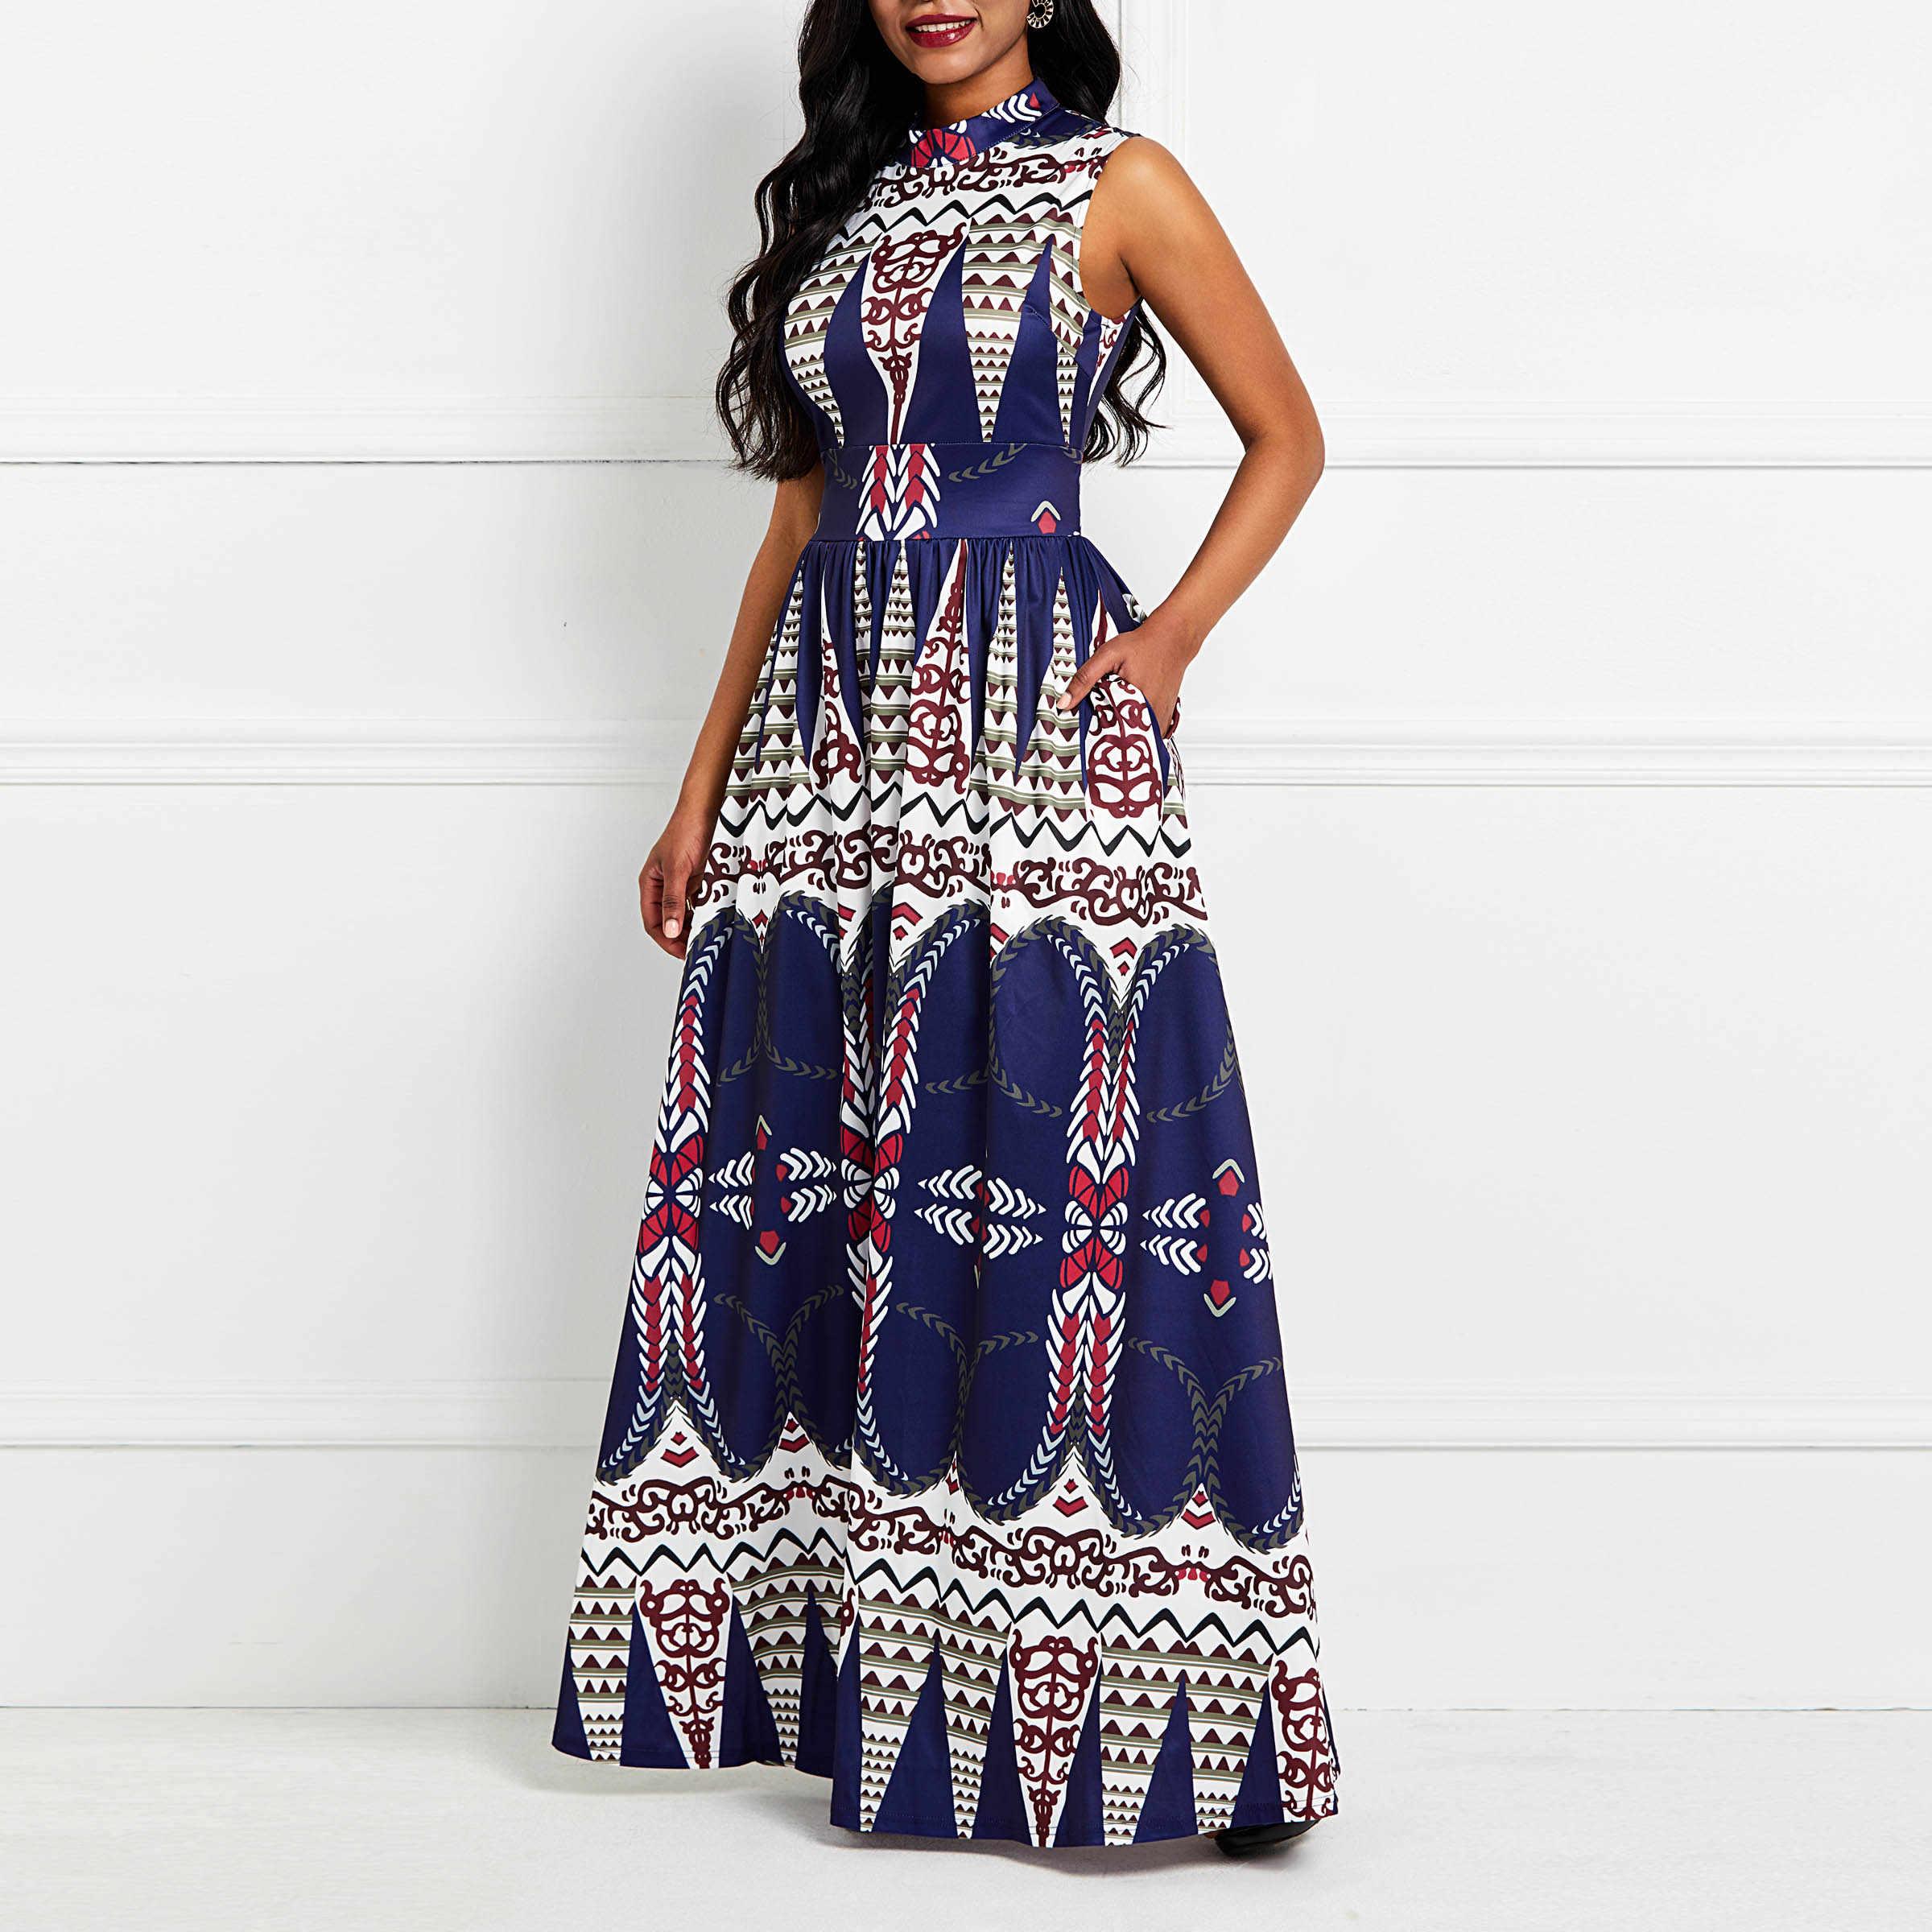 סקסי מועדון אלגנטי גבוהה מותן גדול גודל חוף בציר נשים ארוך שמלות המפלגה אתני סגנון קיץ 2019 סטרפלס כחול מקסי שמלה